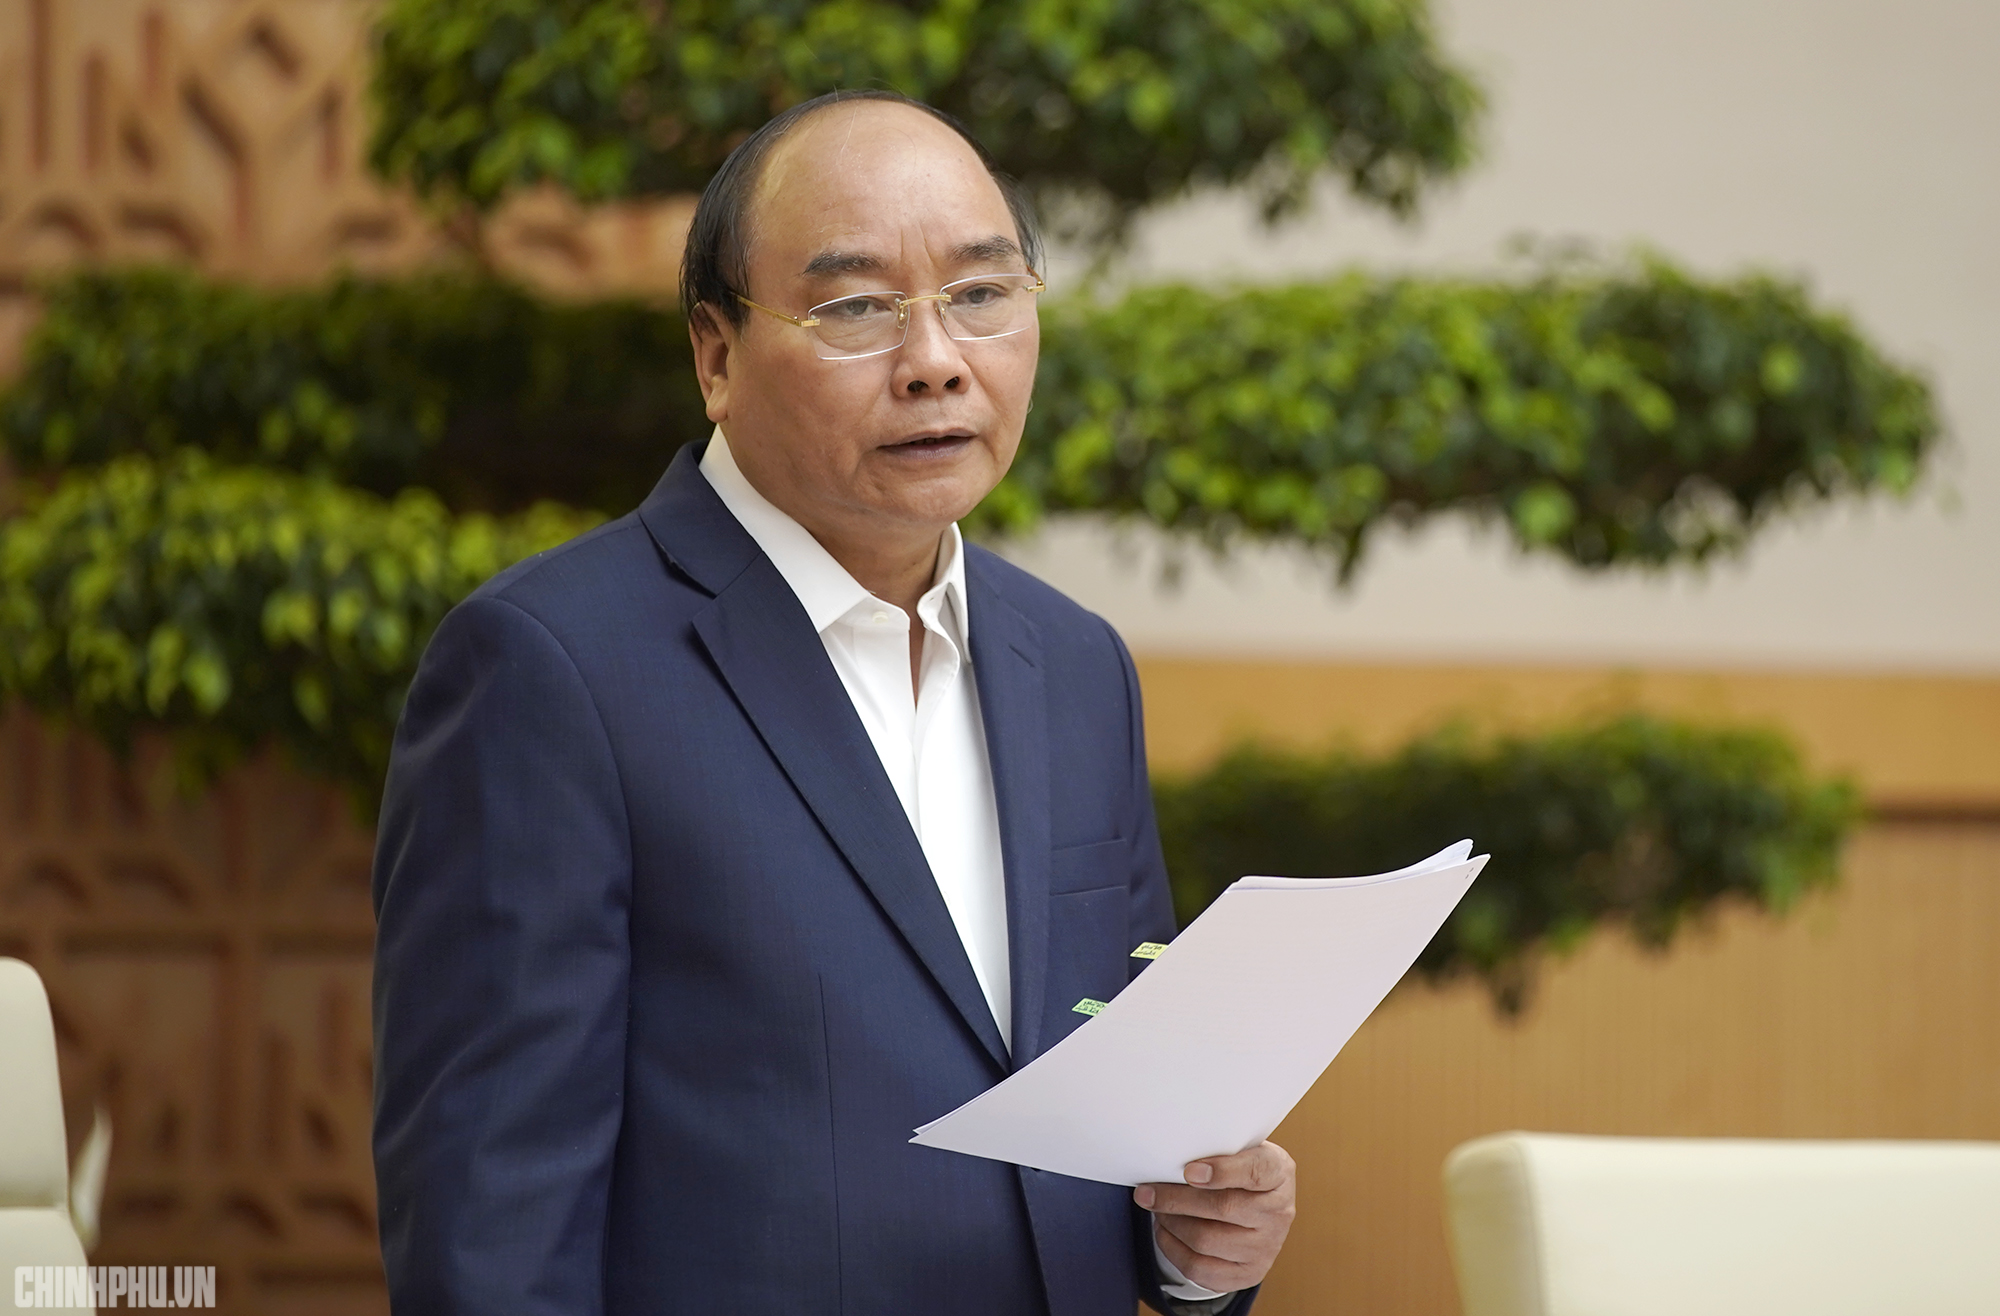 Thủ tướng phát biểu kết luận phiên họp Chính phủ tháng 2/2019. Ảnh: VGP/Quang Hiếu